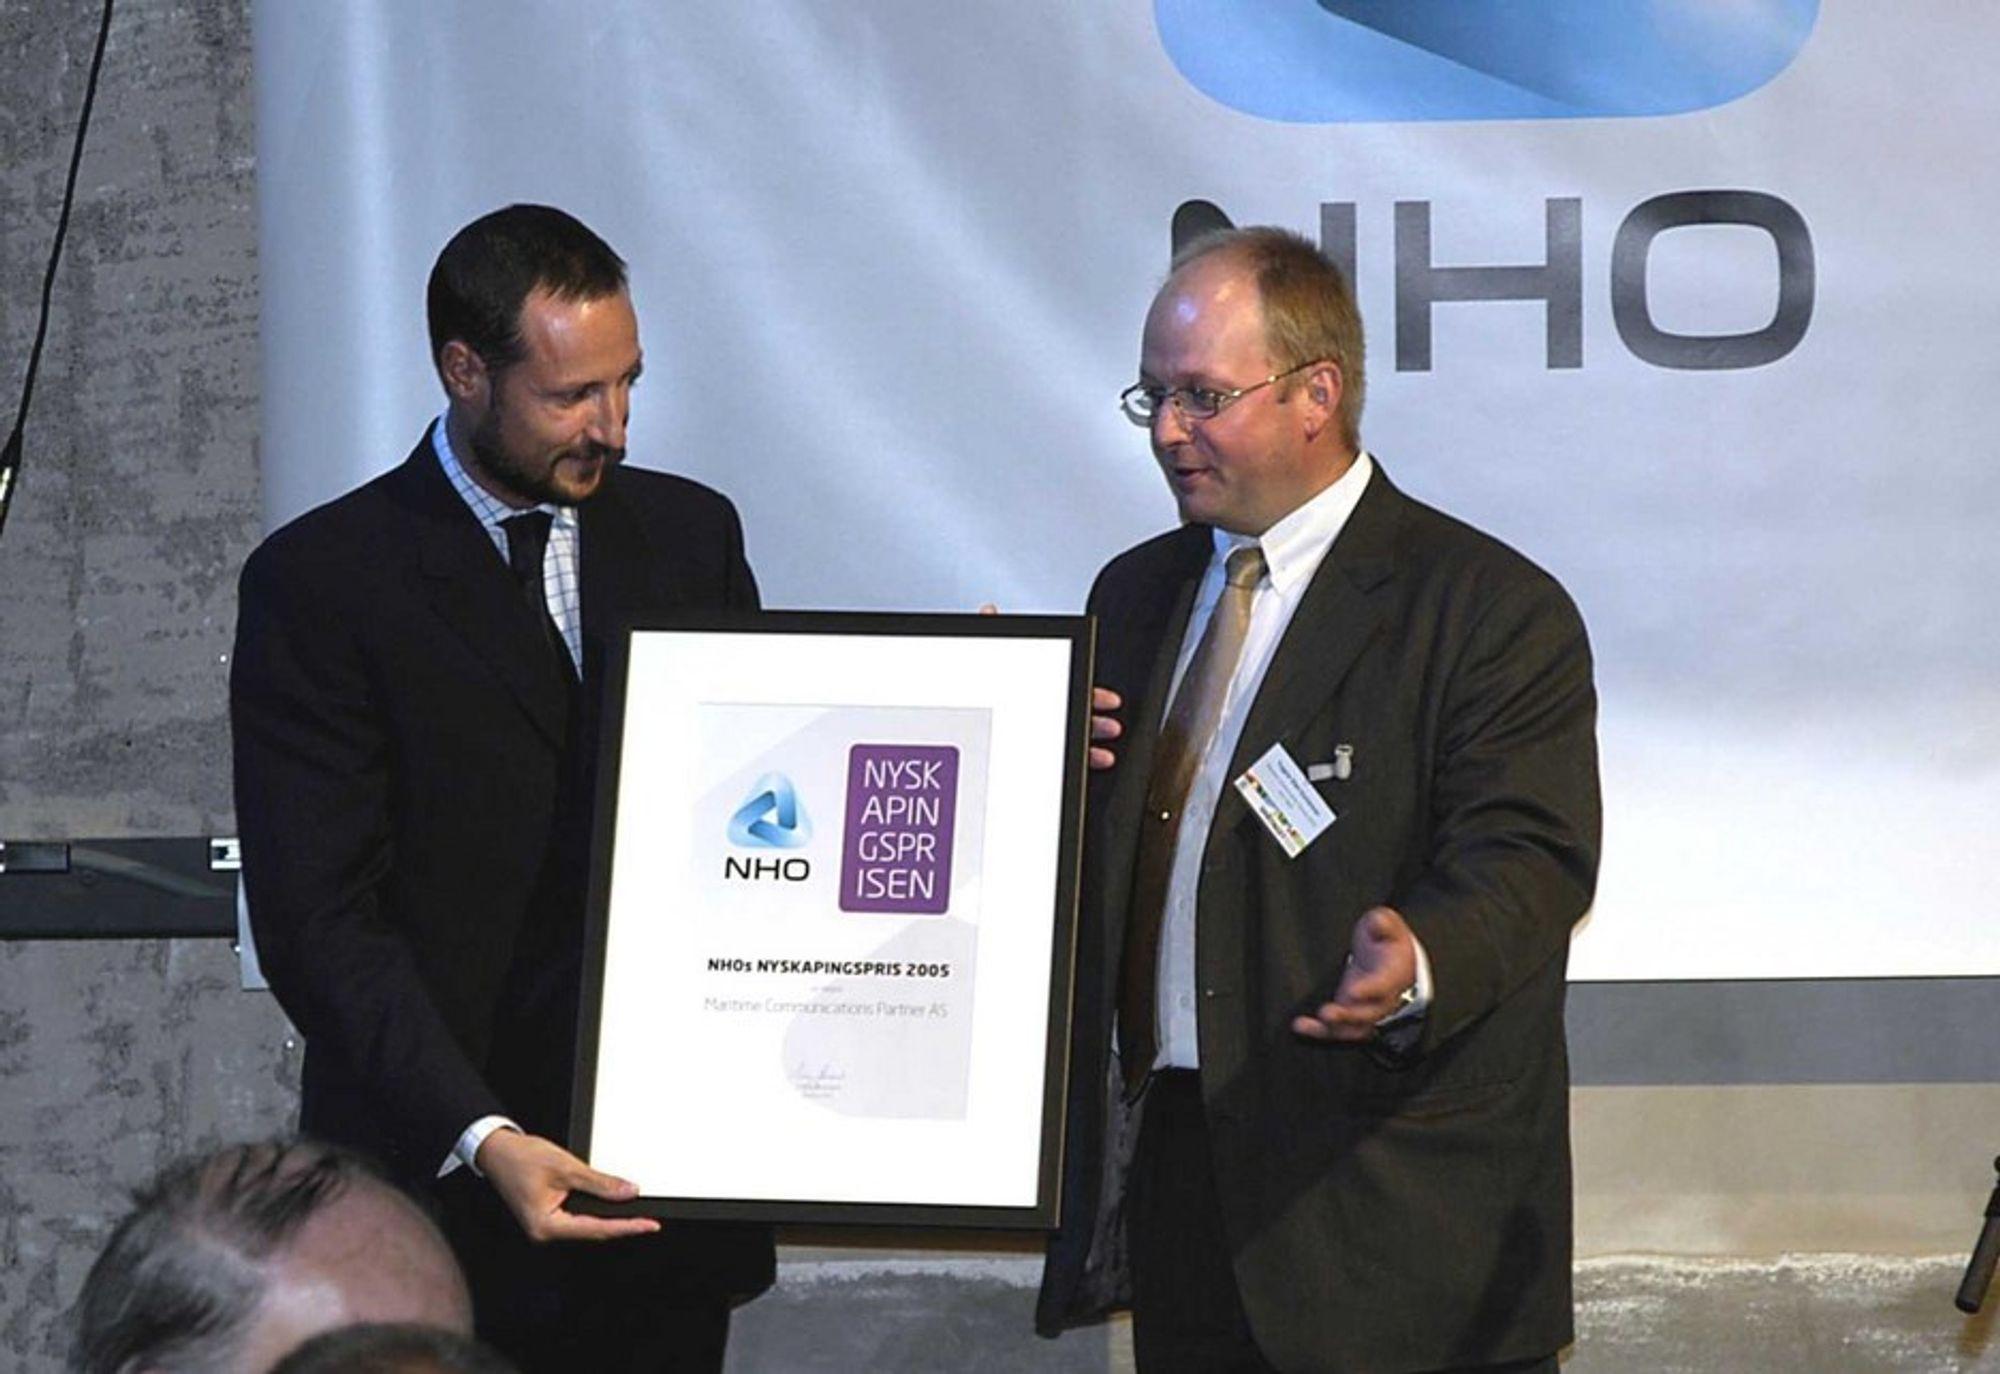 NYSKAPENDE: Kronprins Haakon deler ut NHOs Nyskapingspris til daglig leder Trygve Sten Gustavsen i Maritime Communications Partner.